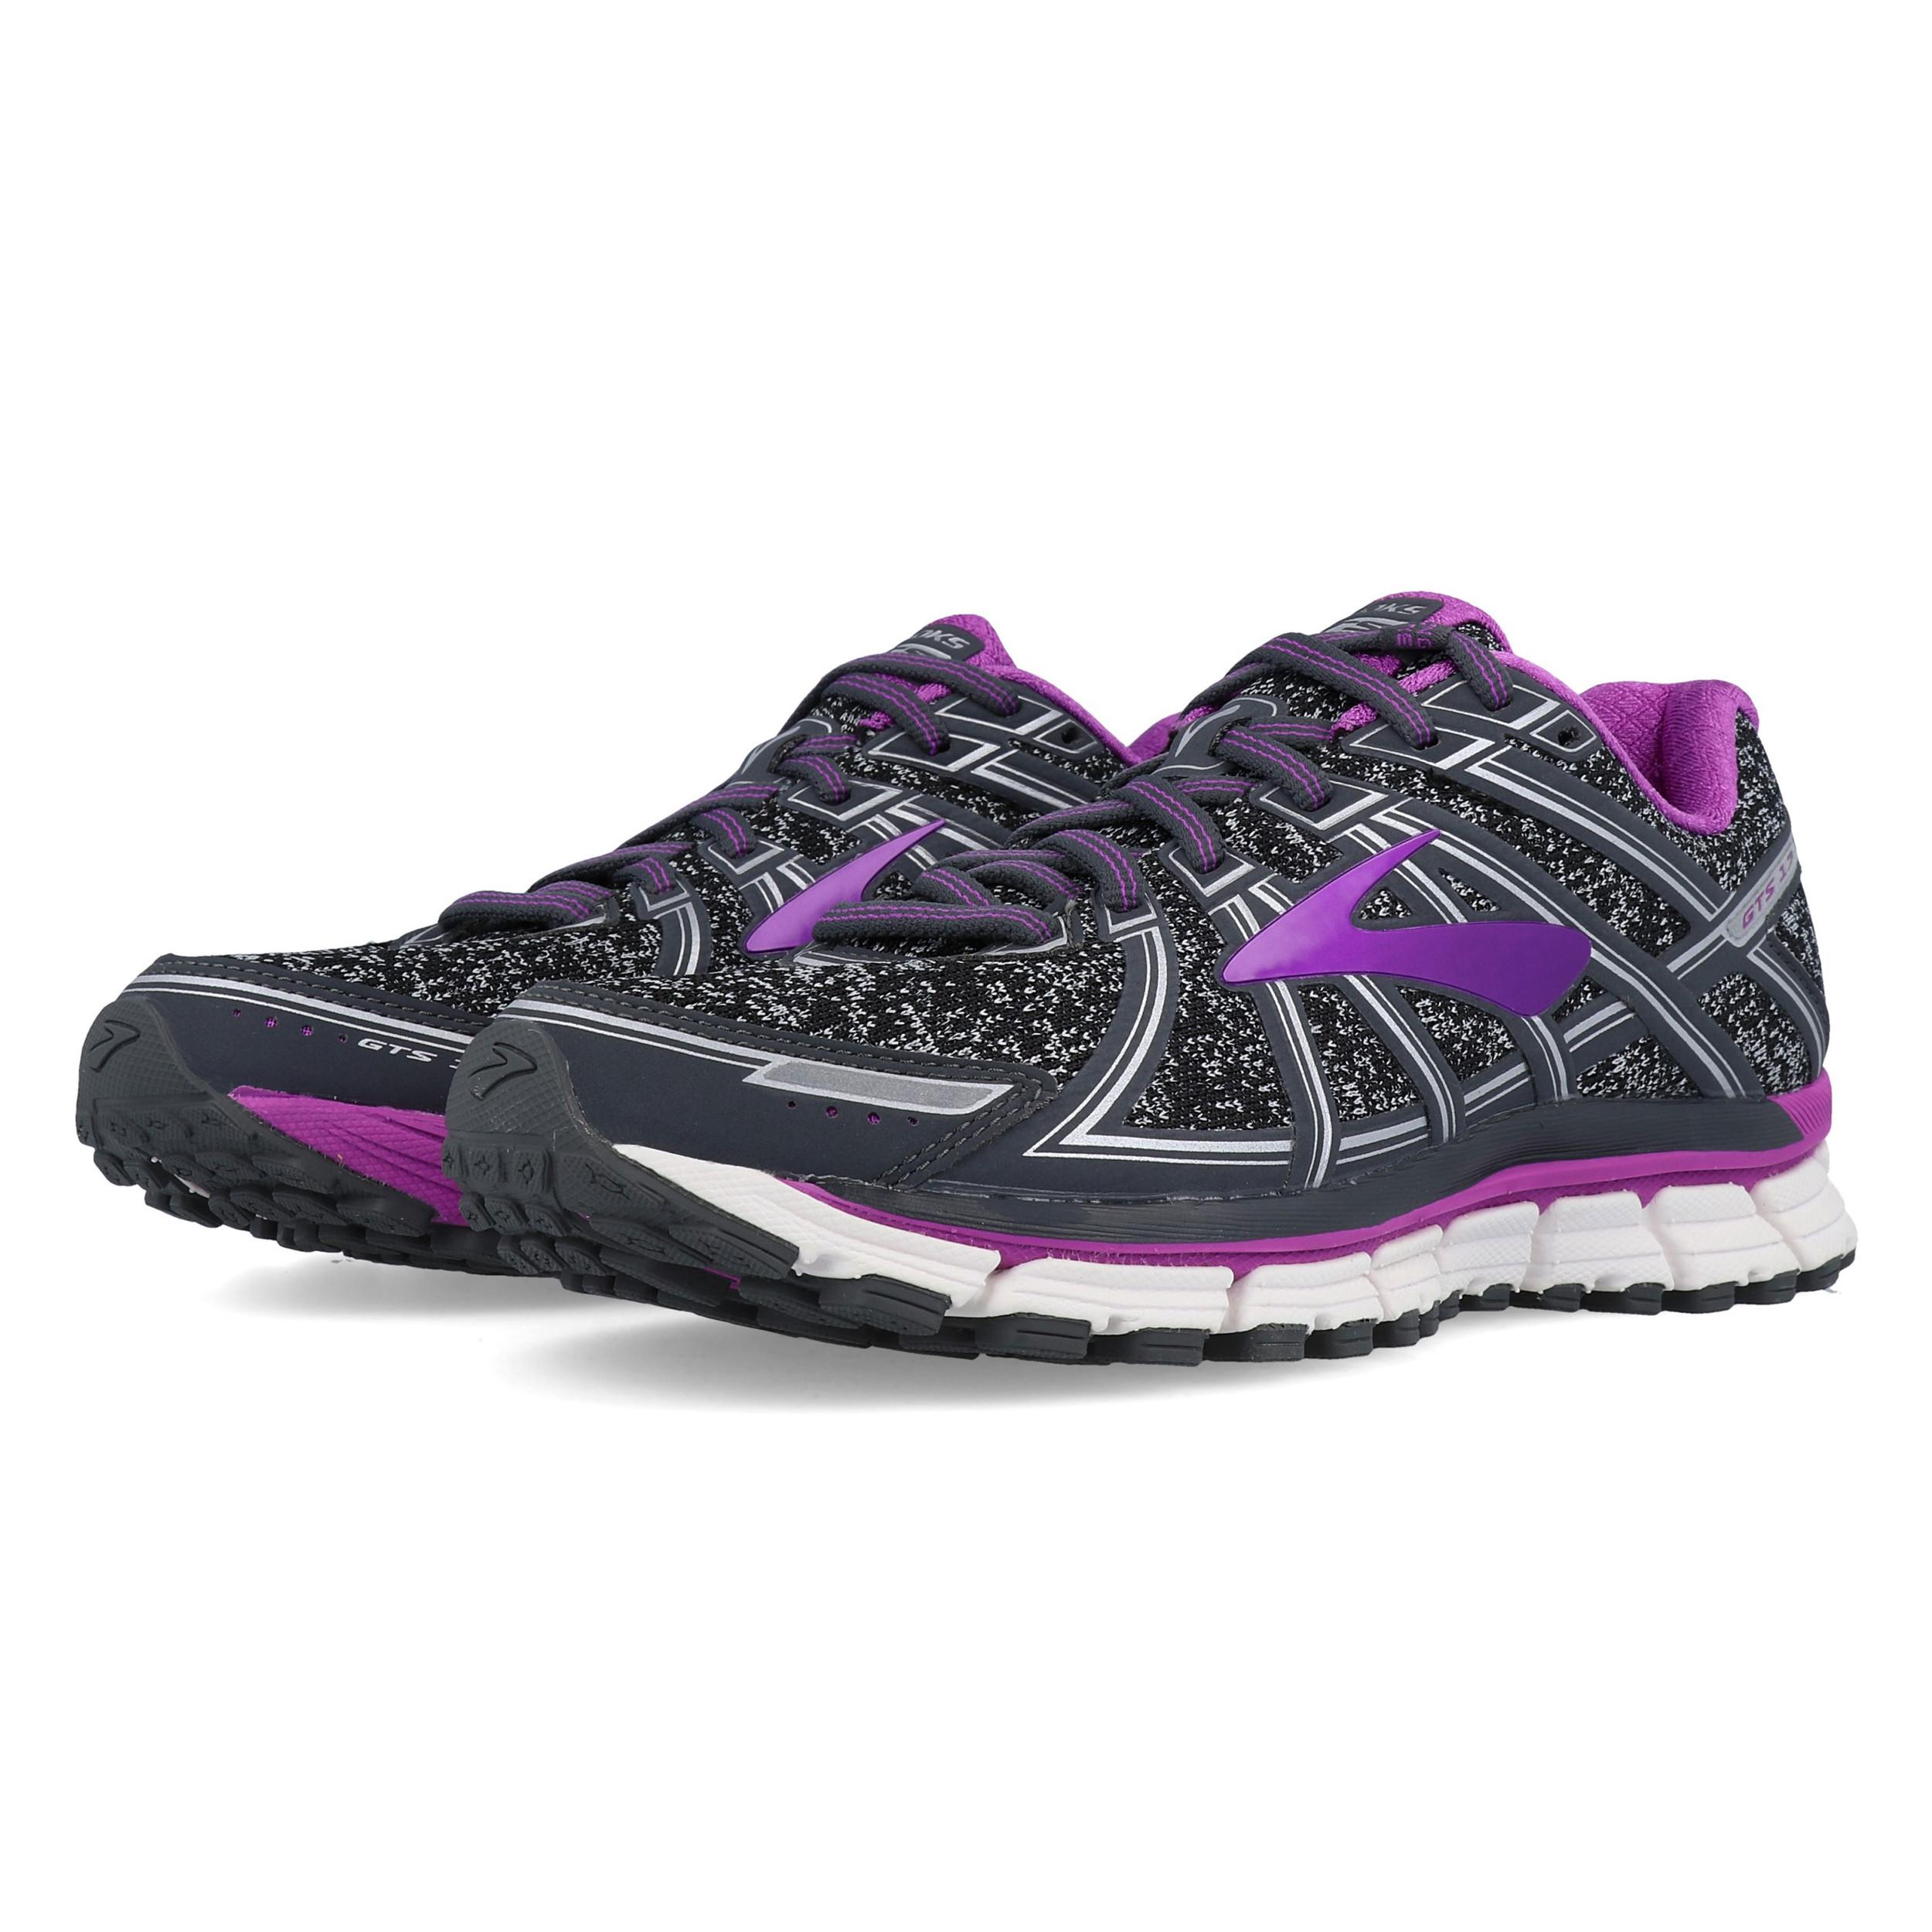 Détails sur BROOKS Femme Adrénaline GTS 17 Chaussures De Course Baskets Sneakers Noir Violet afficher le titre d'origine